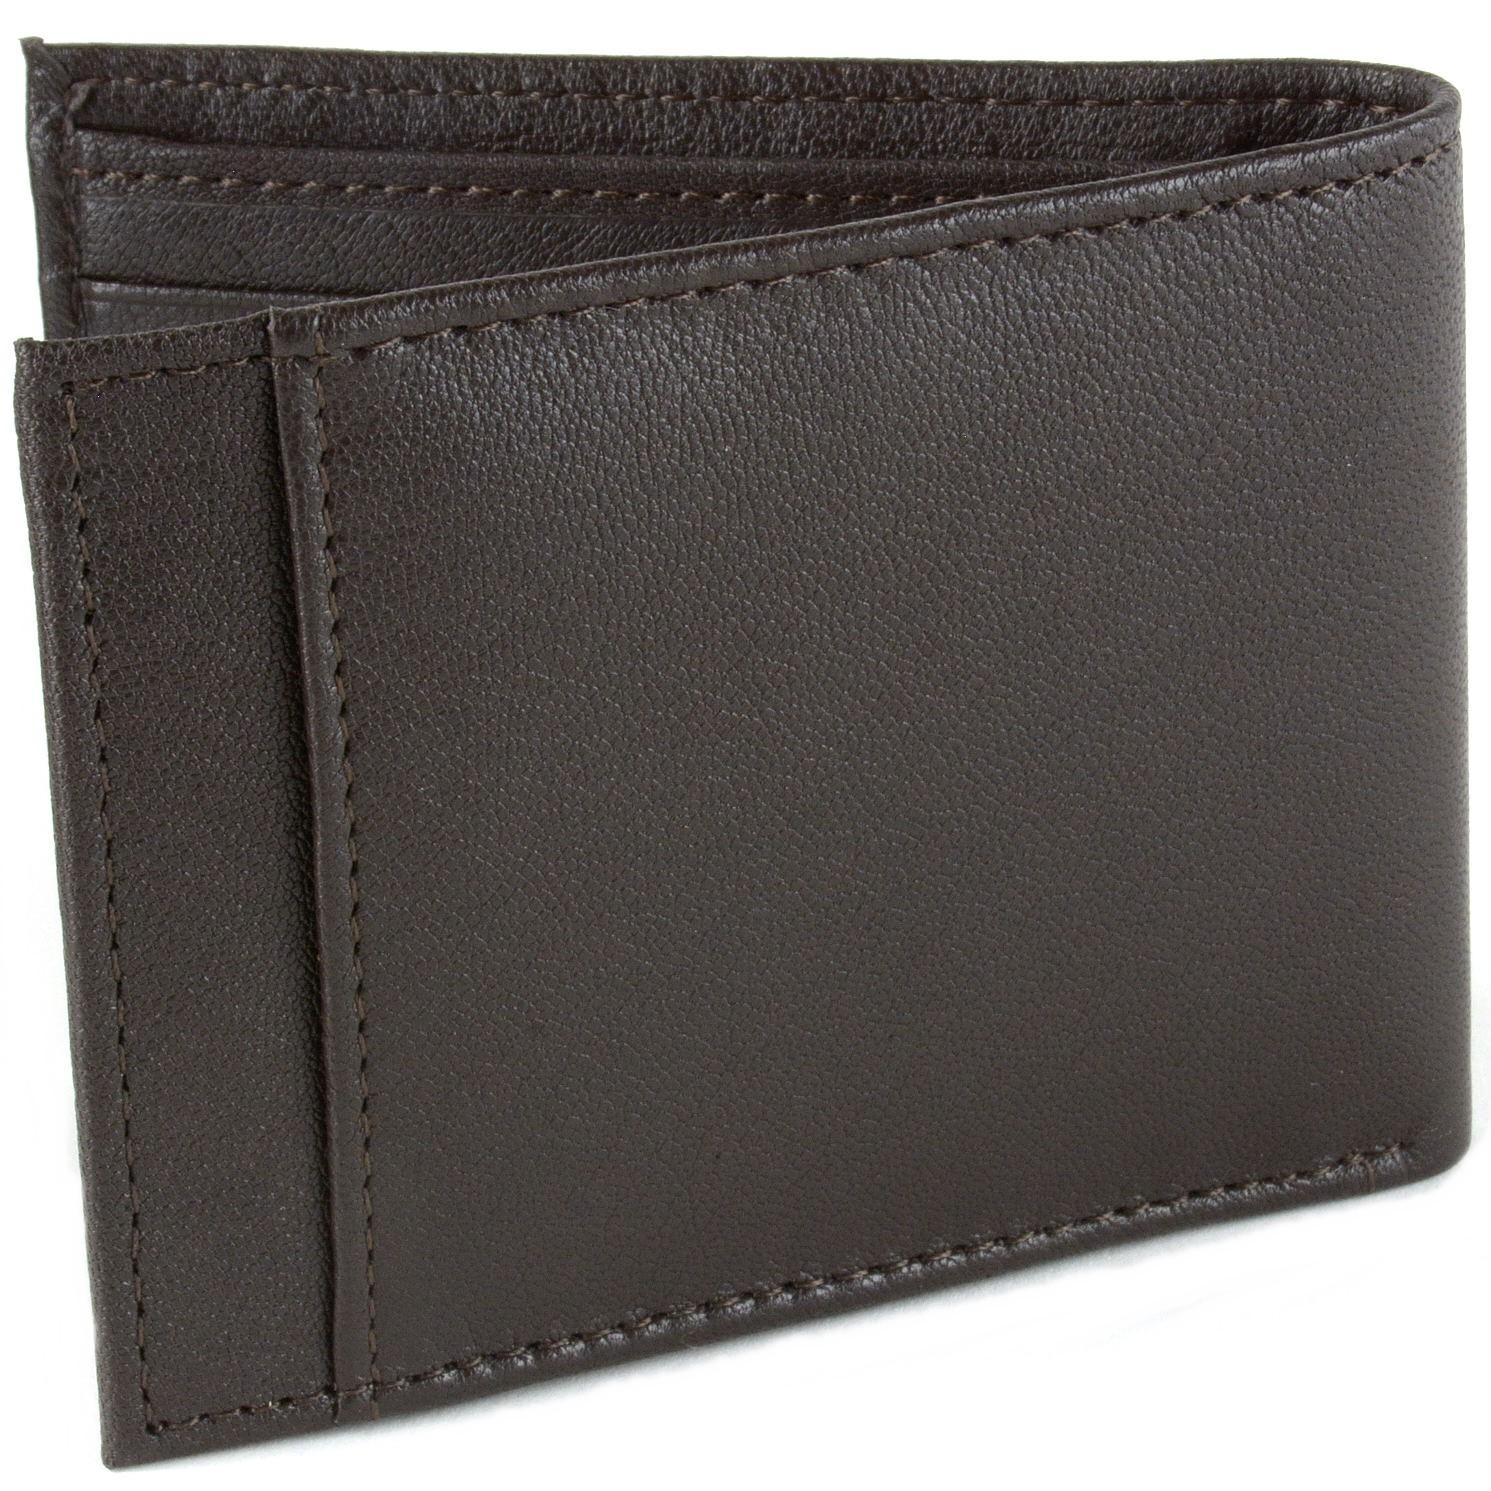 414b99e3745 Men s Leather Front Pocket Wallet Rfid